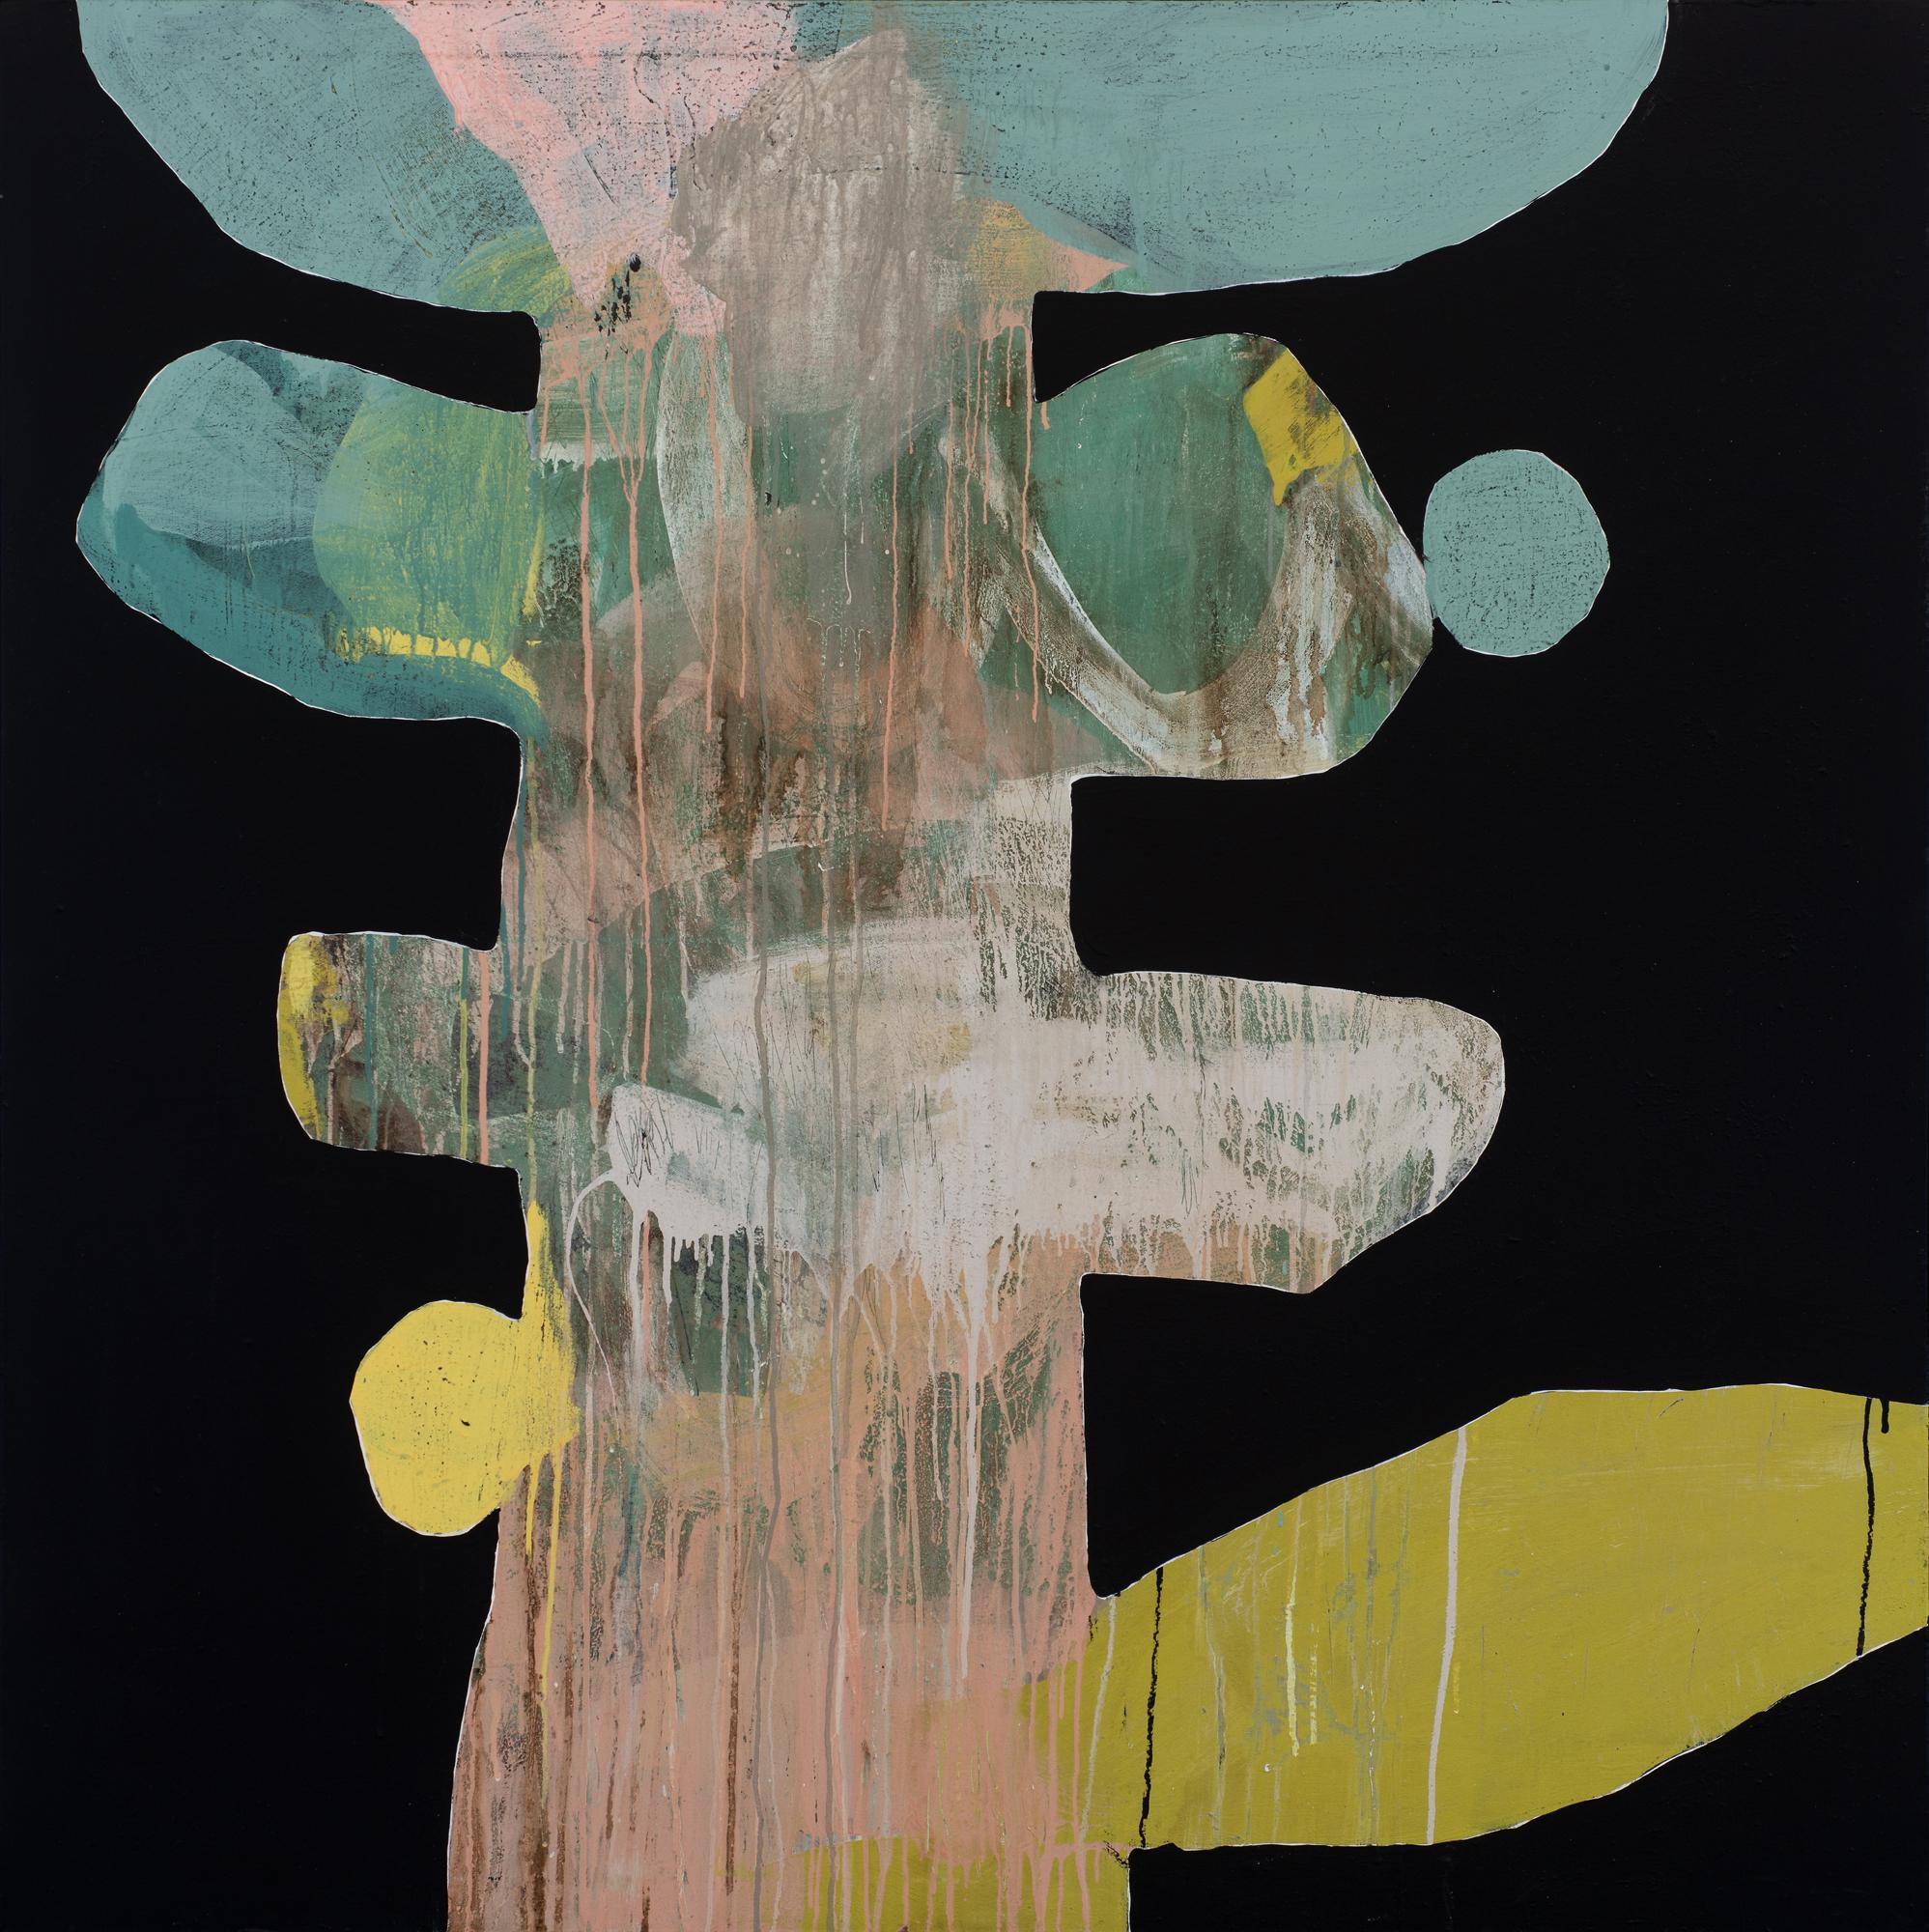 #43 By Ngaio Lenz